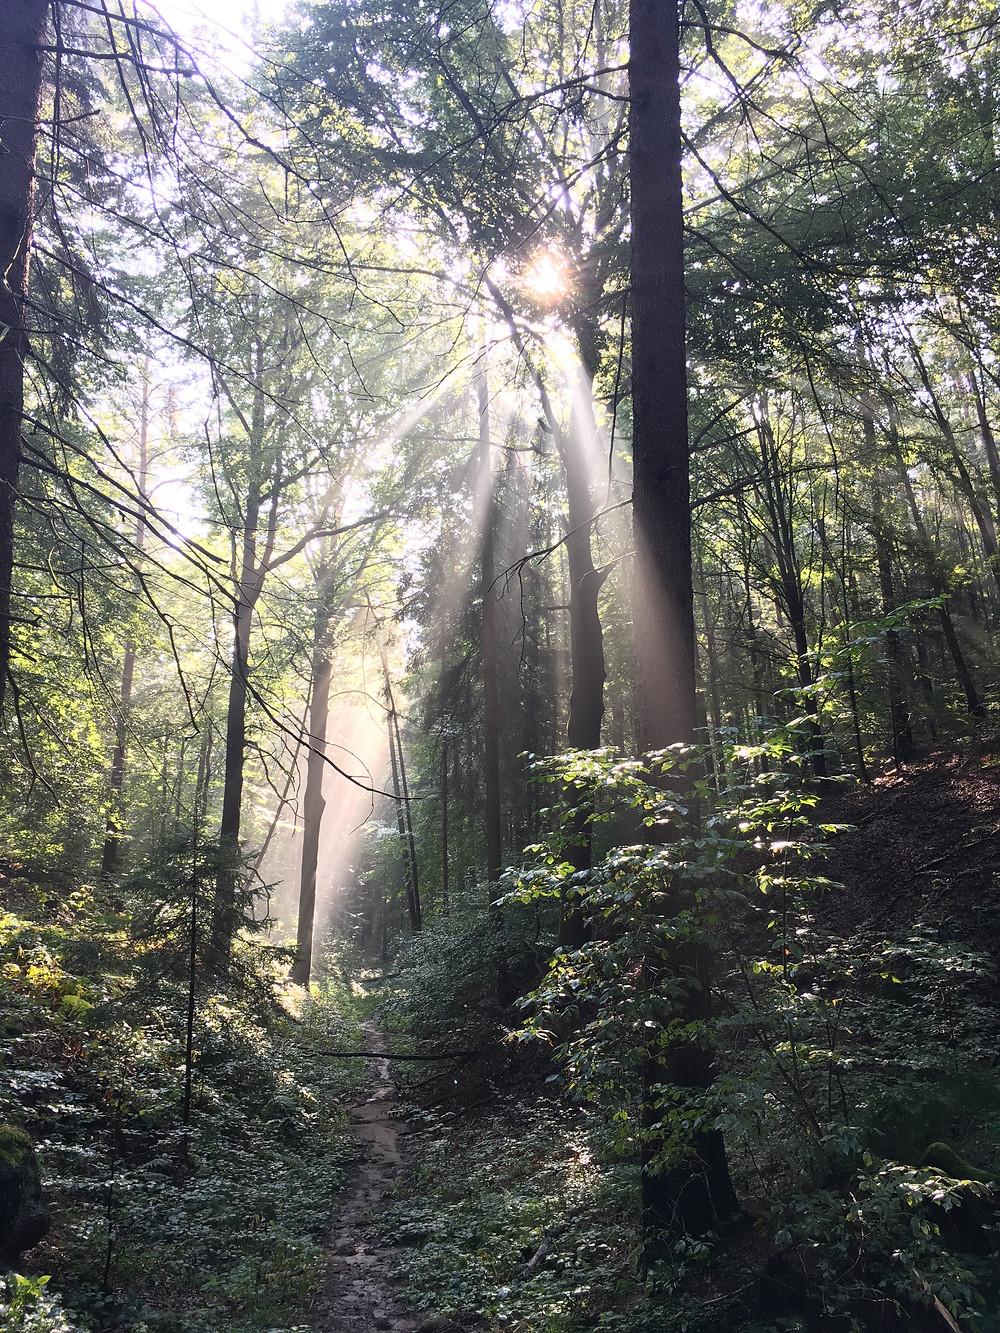 Sonnenstrahlen im Wald als Symbol für den goldenen Mittelweg